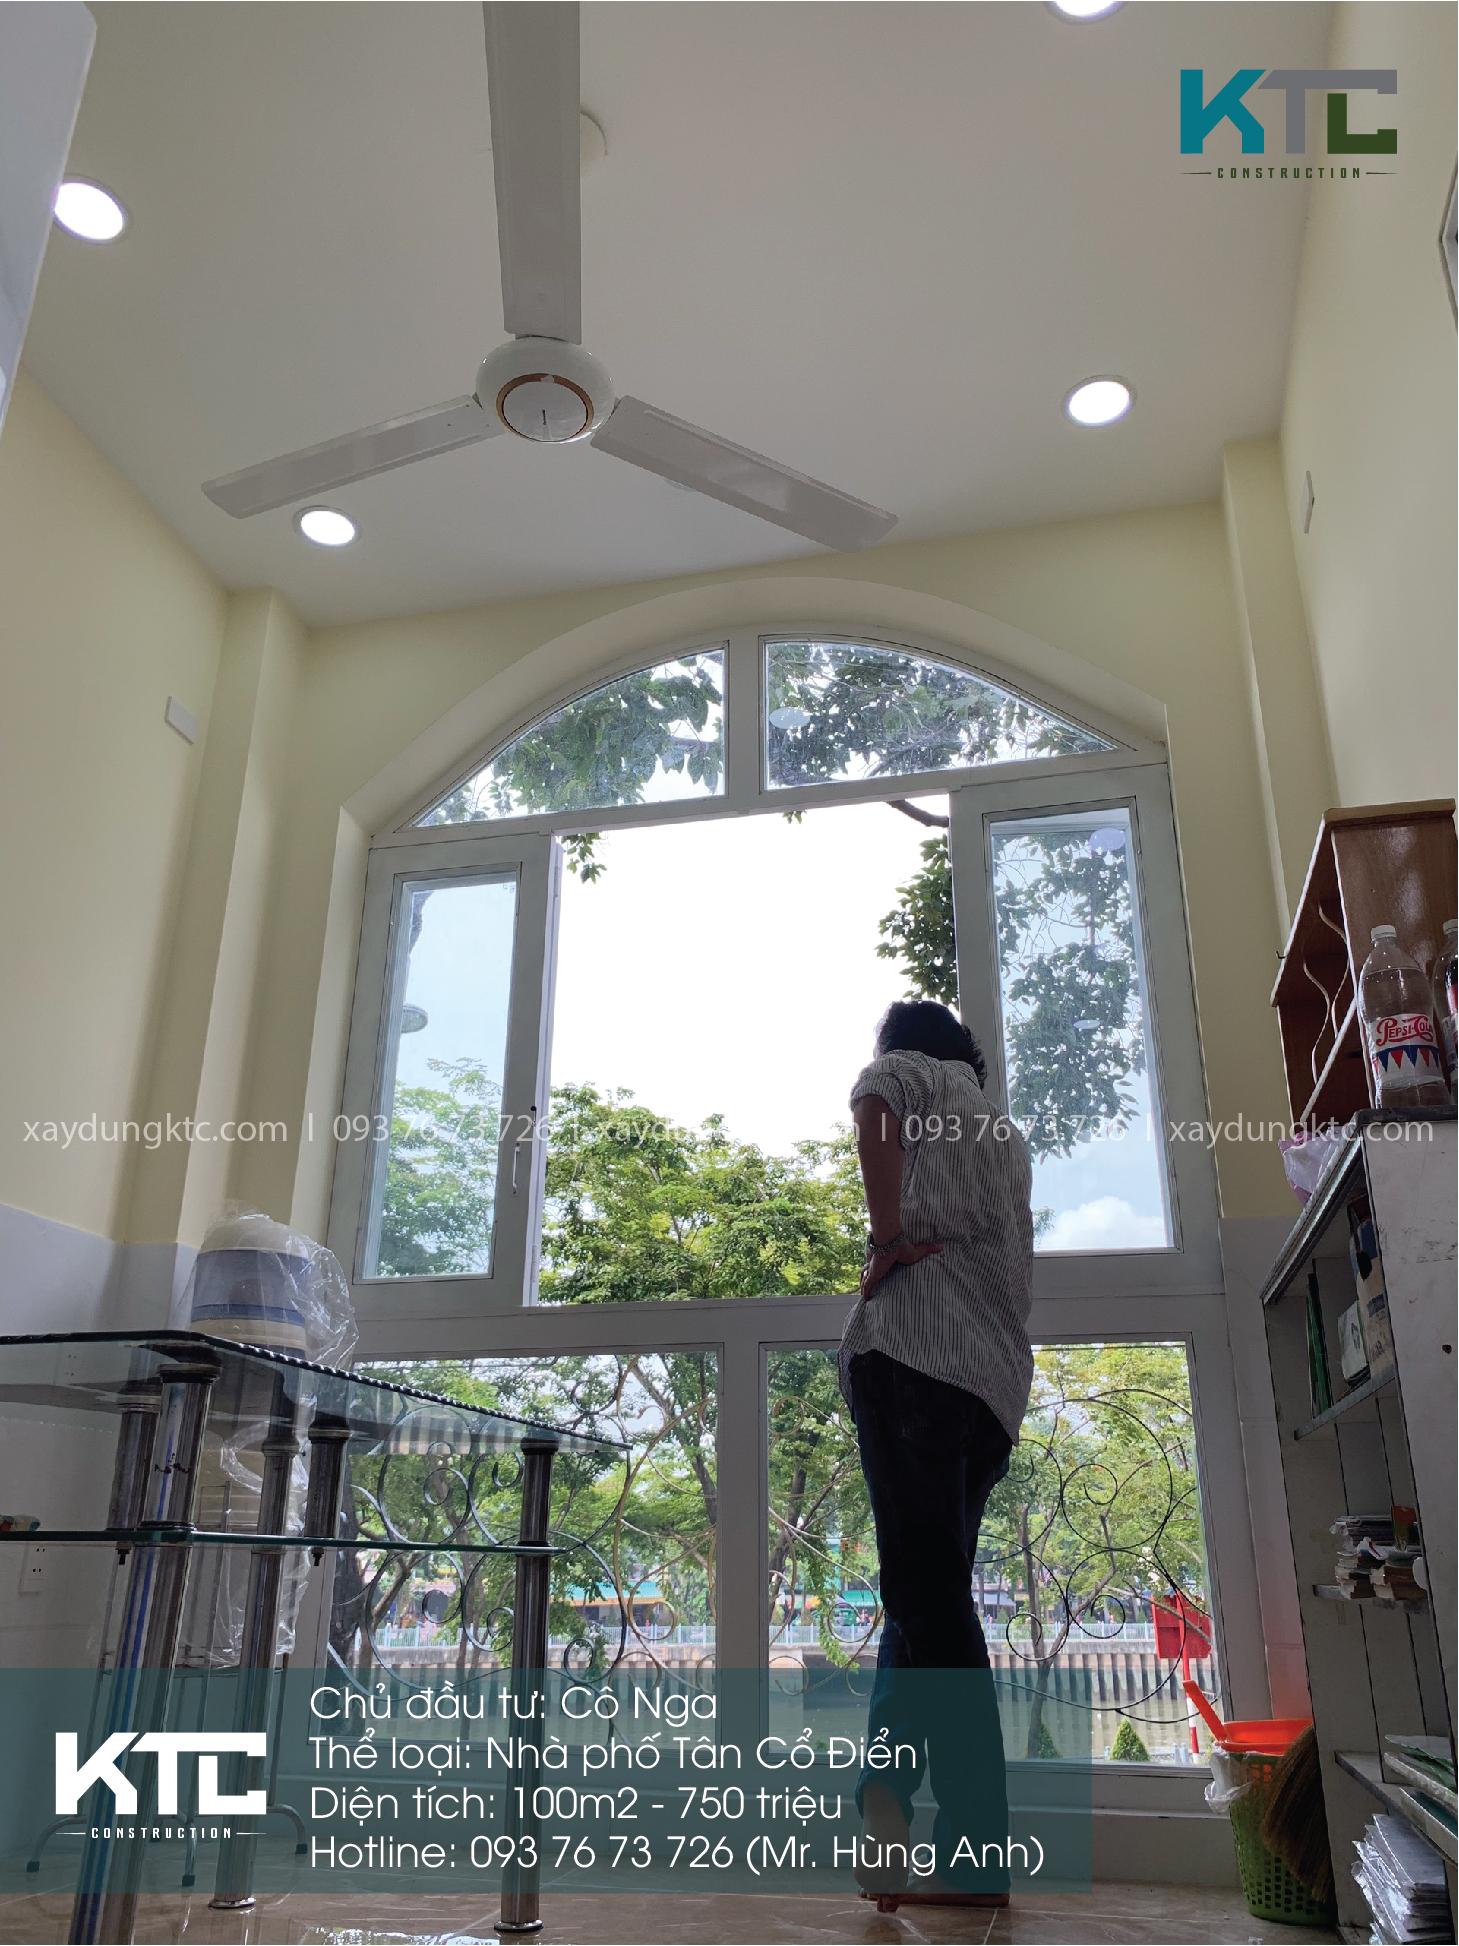 khung cửa sổ vòm cong to và thanh lịch đón trọn nắng và không khí tươi mát buổi sáng